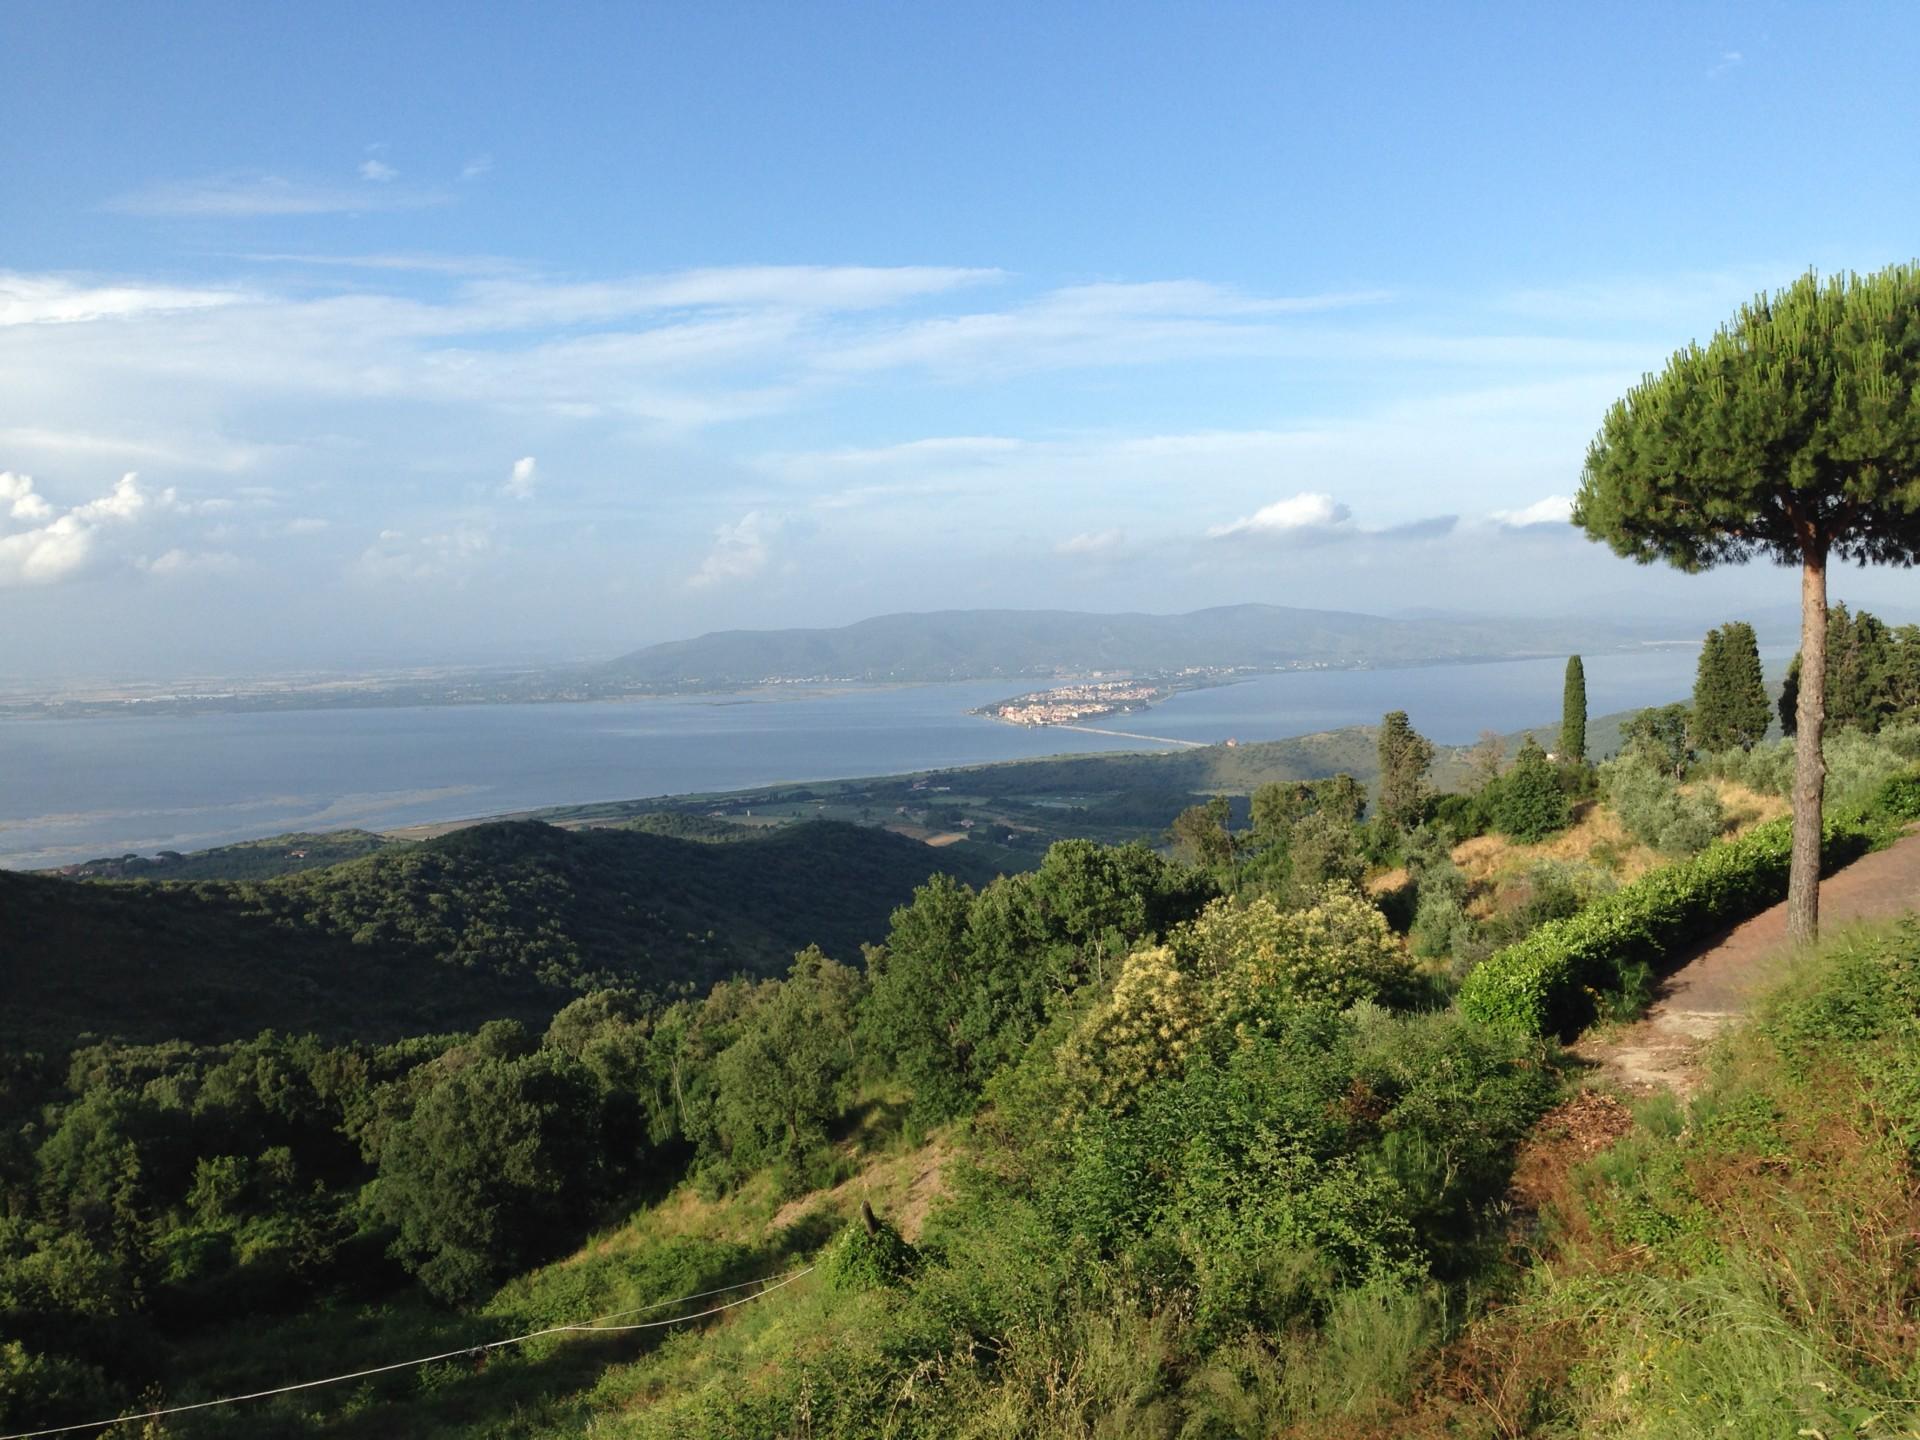 Orbetello vom Argentario aus gesehen, fast ene Insel in der Lagune